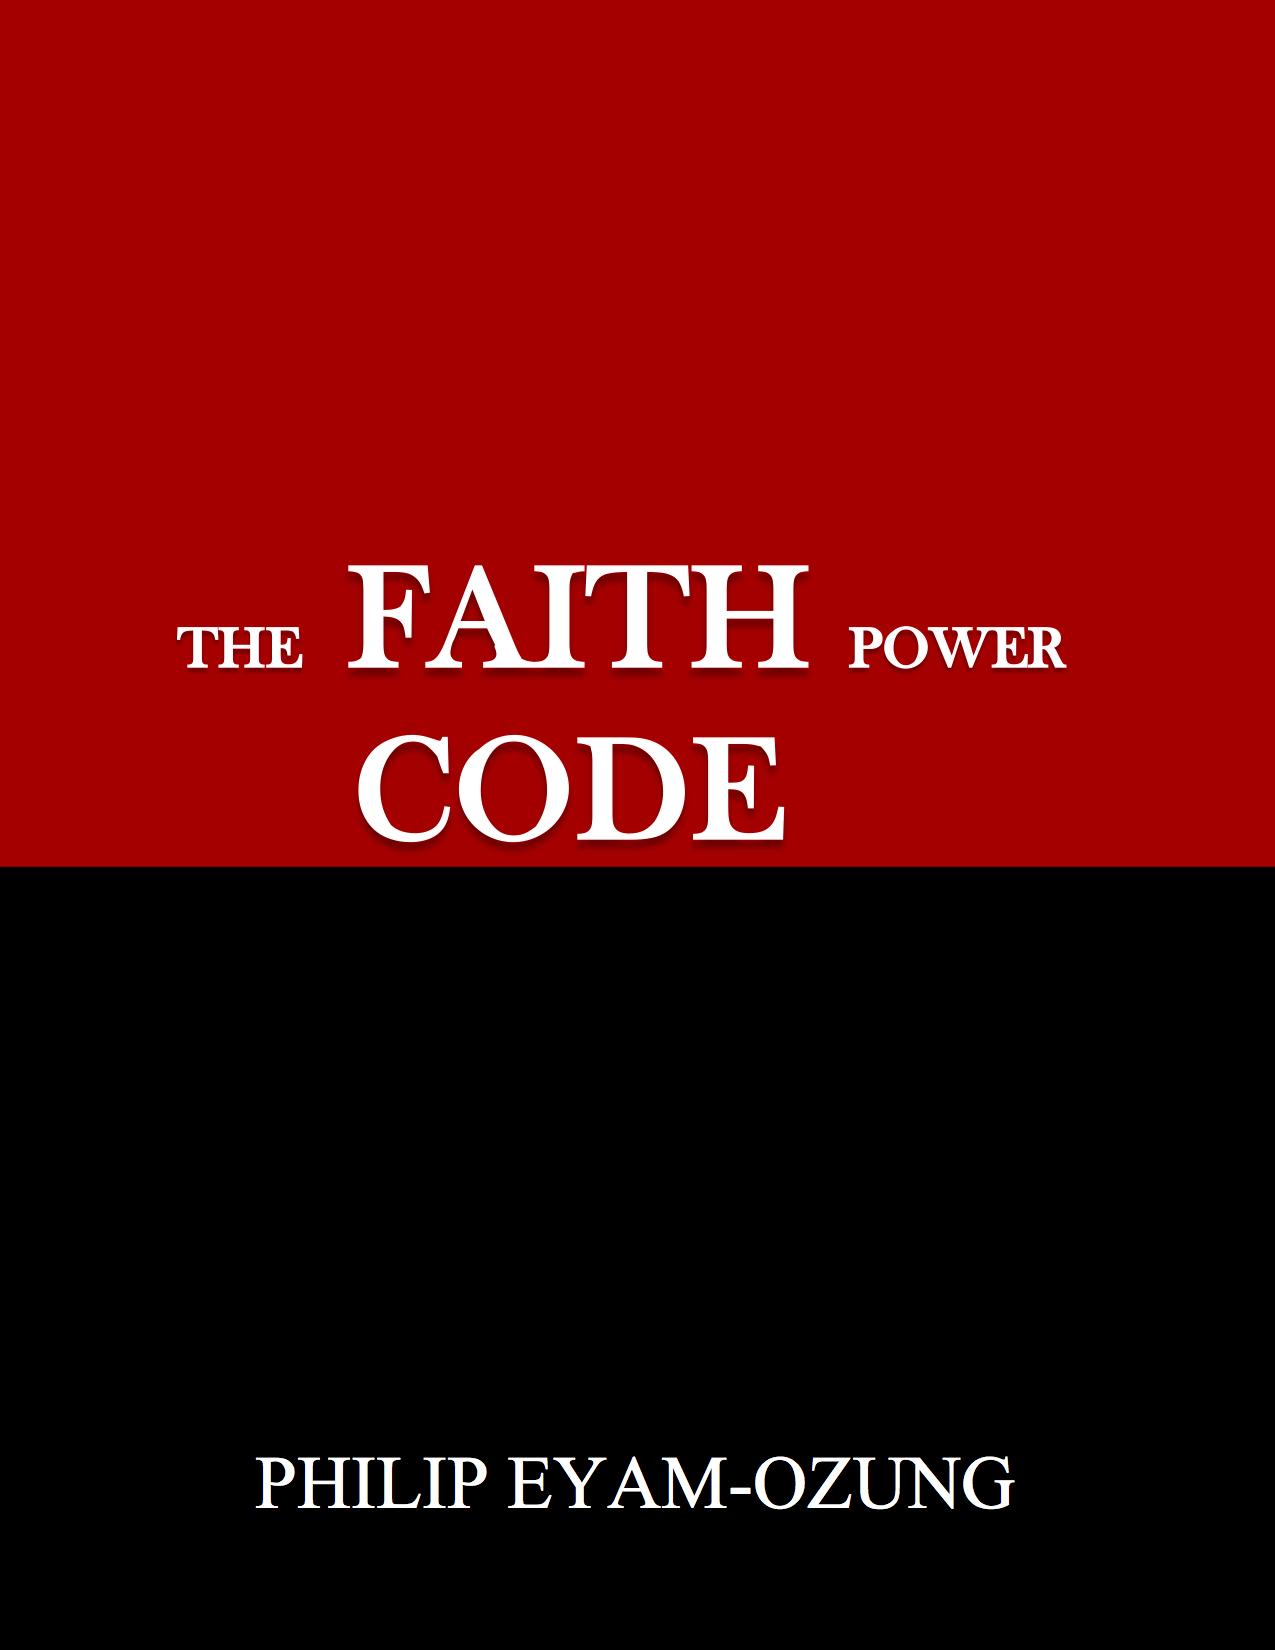 The Faith Power Code